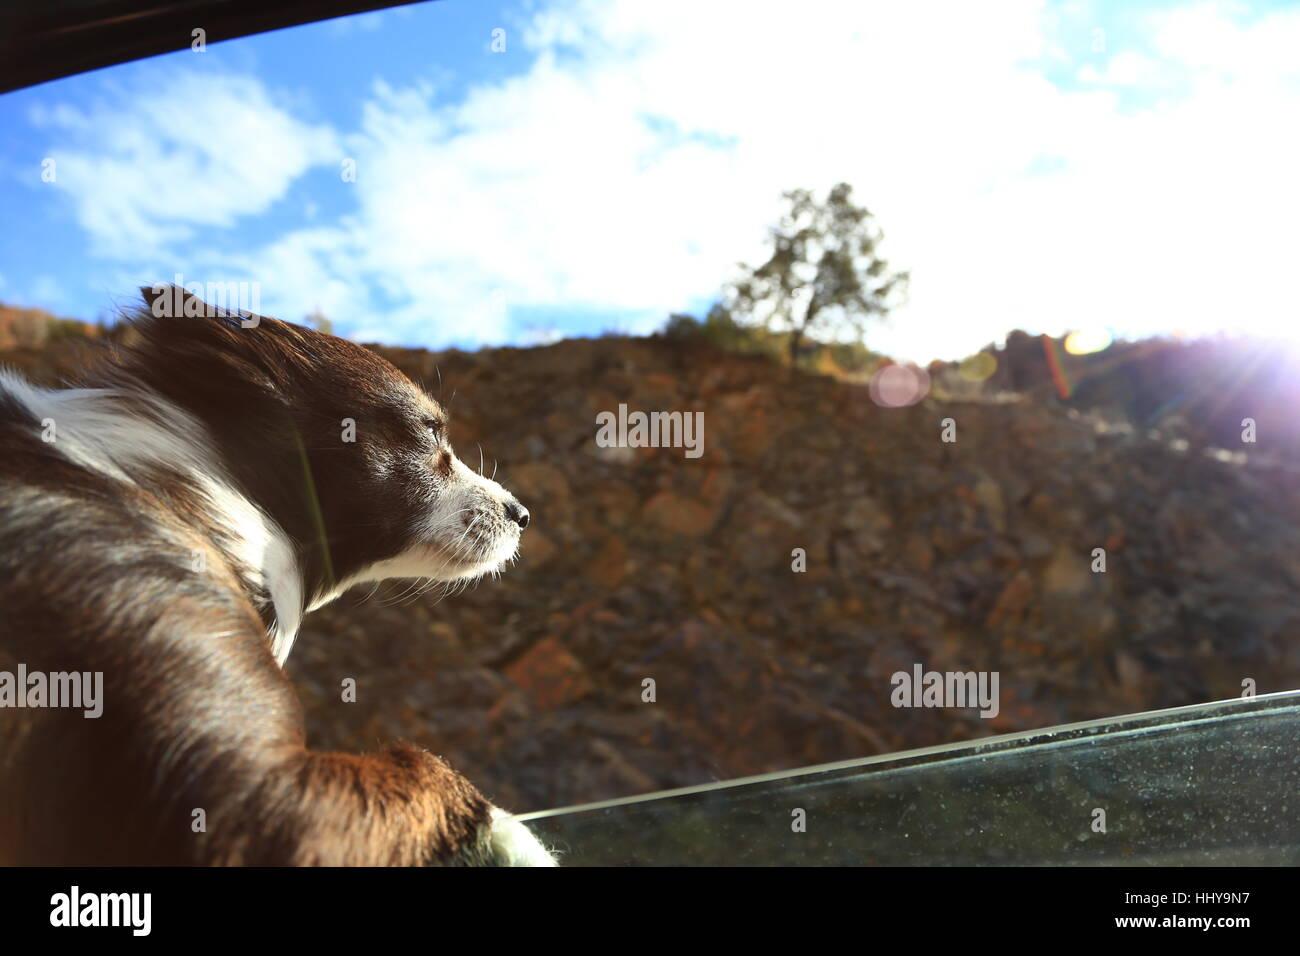 Hund Gefühl frische Luft vor dem Fenster Stockbild